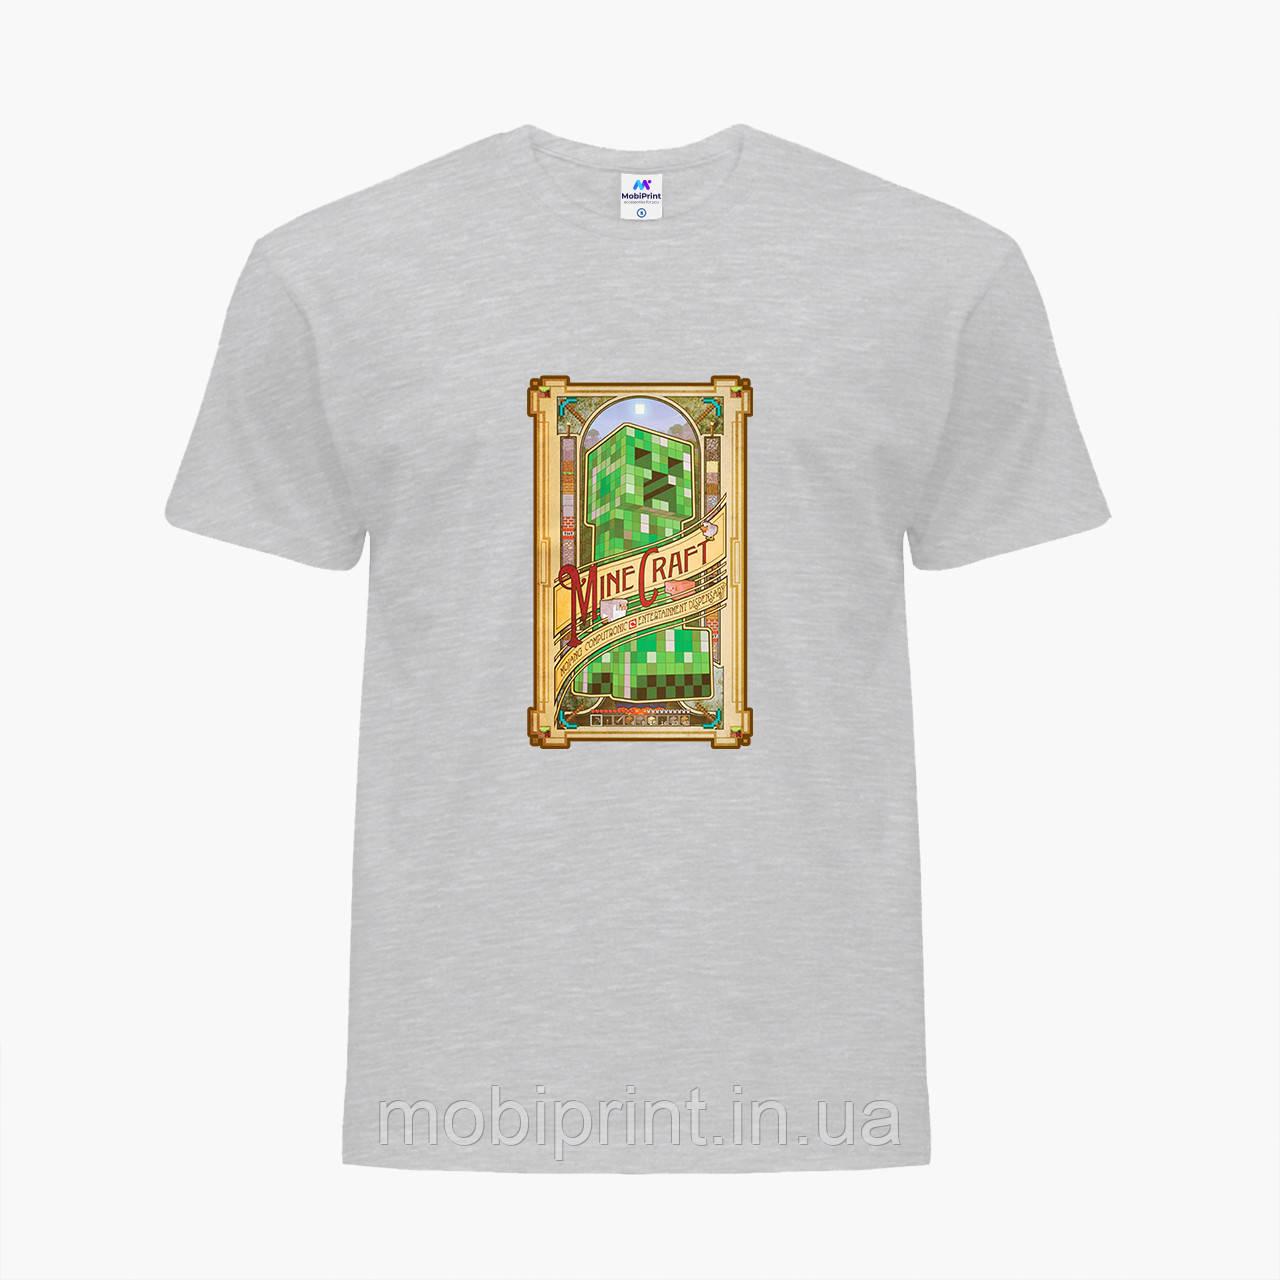 Детская футболка для мальчиков Майнкрафт (Minecraft) (25186-1178) Светло-серый